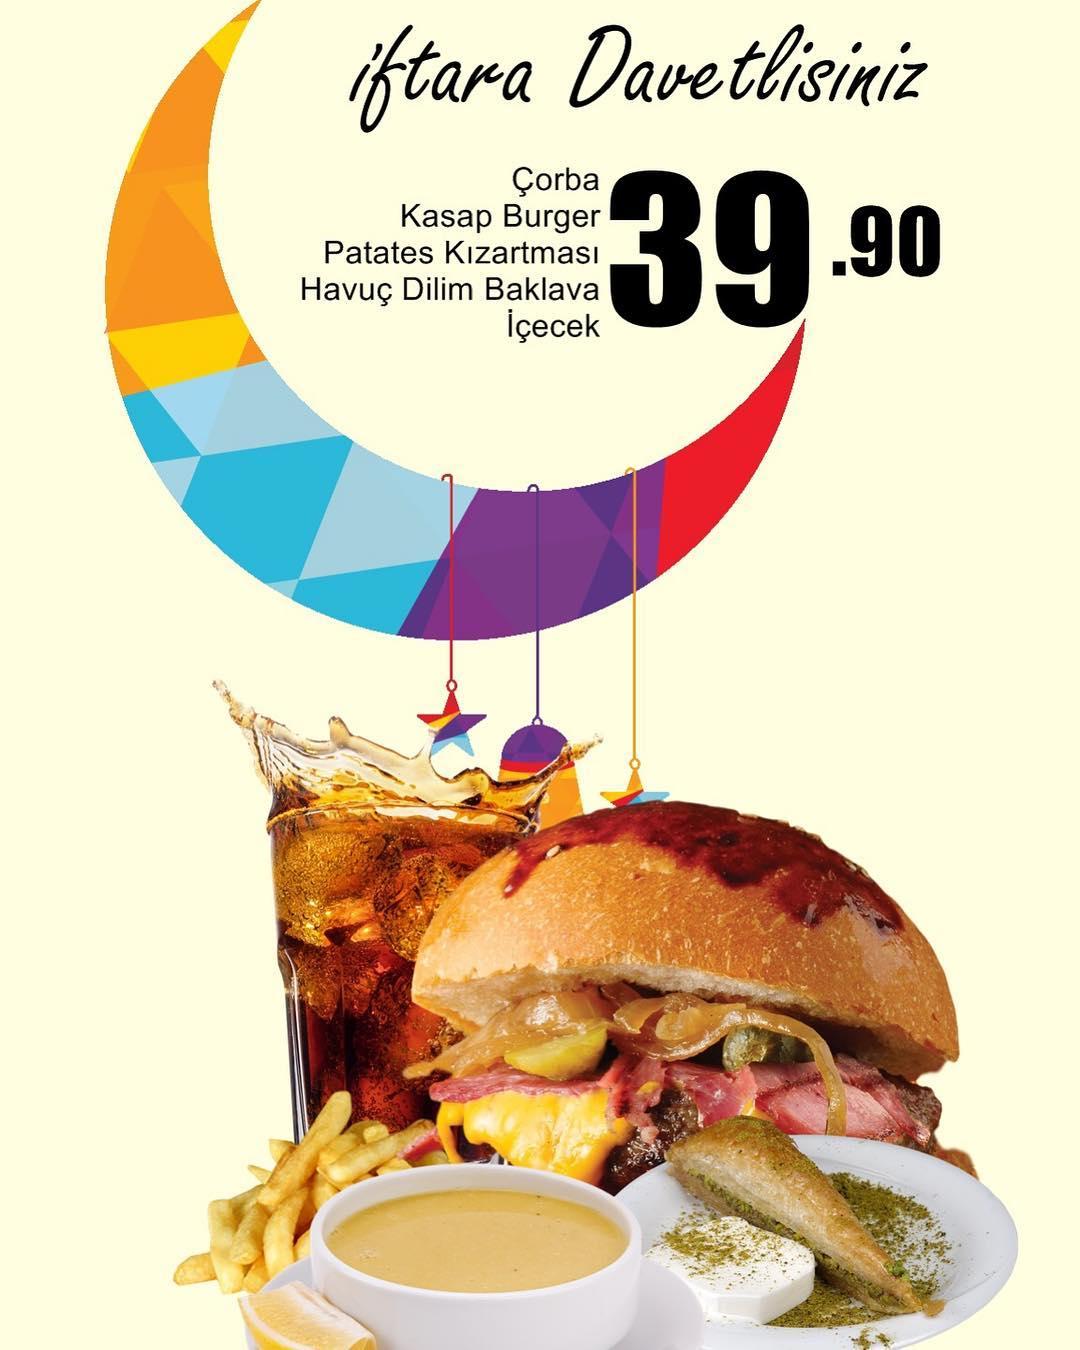 etçi mehmet burger avcılar iletişim etçi mehmet burger fiyatları istanbul uygun fiyatlı iftar mekanları uygun fiyata iftar